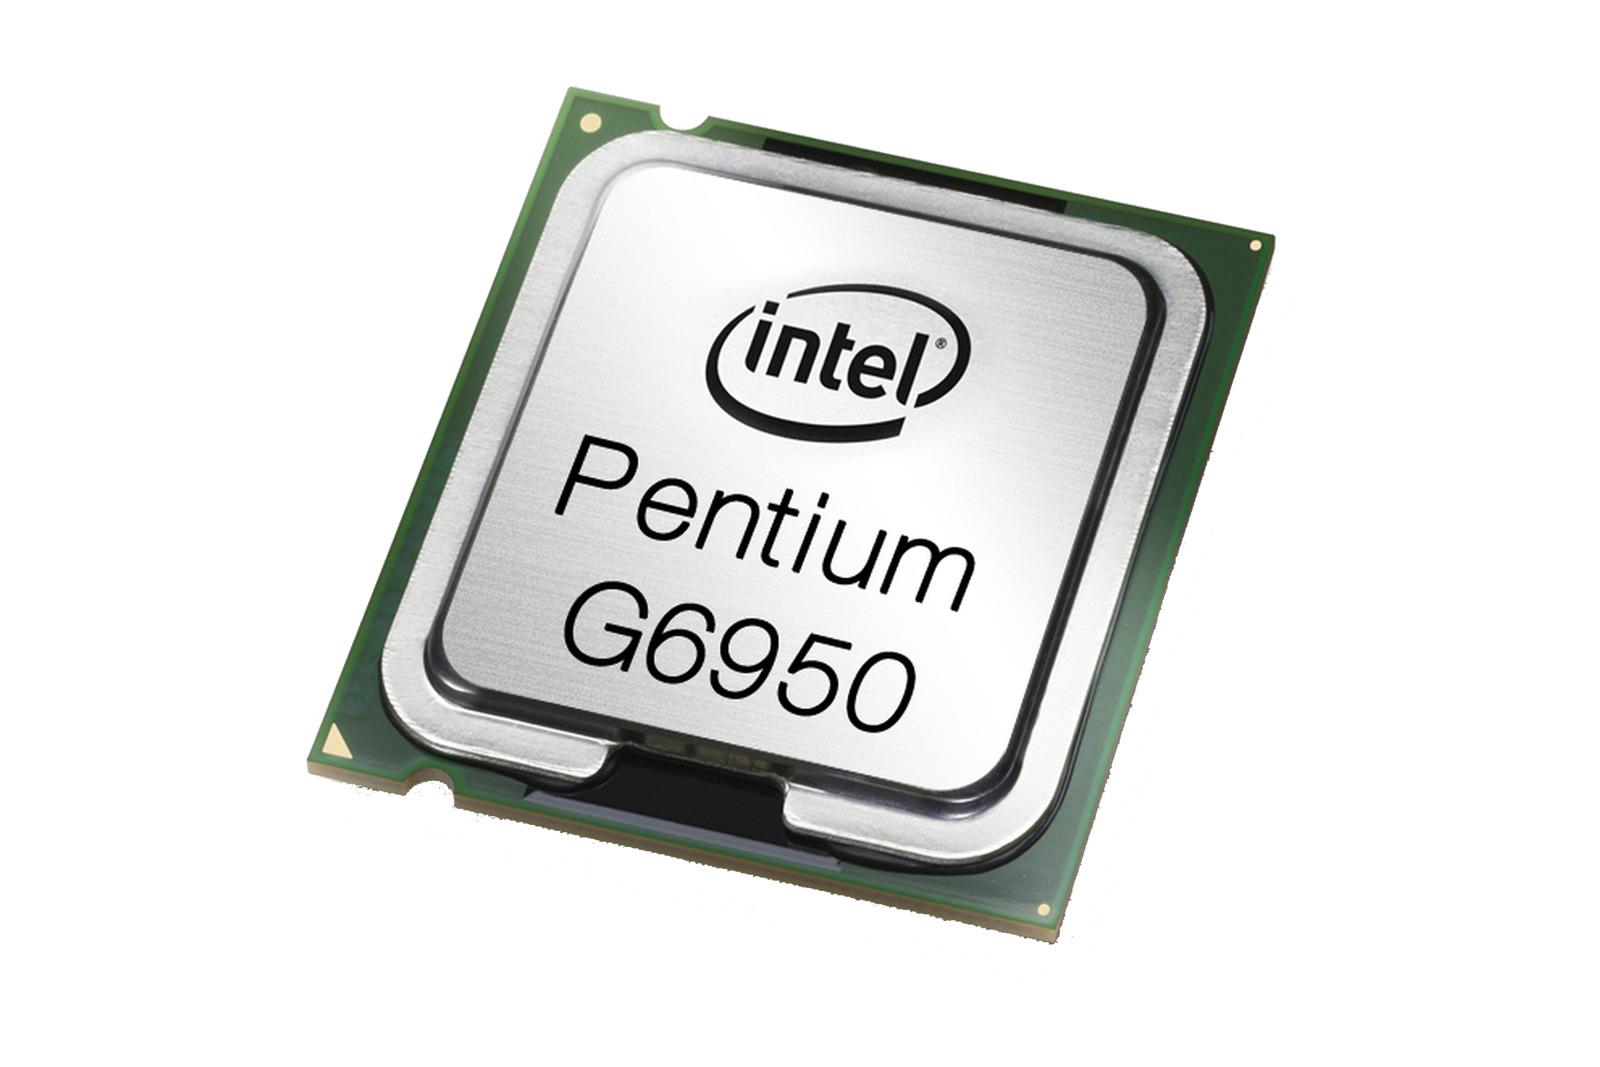 Prozessor Intel Pentium Dual-Core G6950 2.8GHz 3MB FCLGA1156